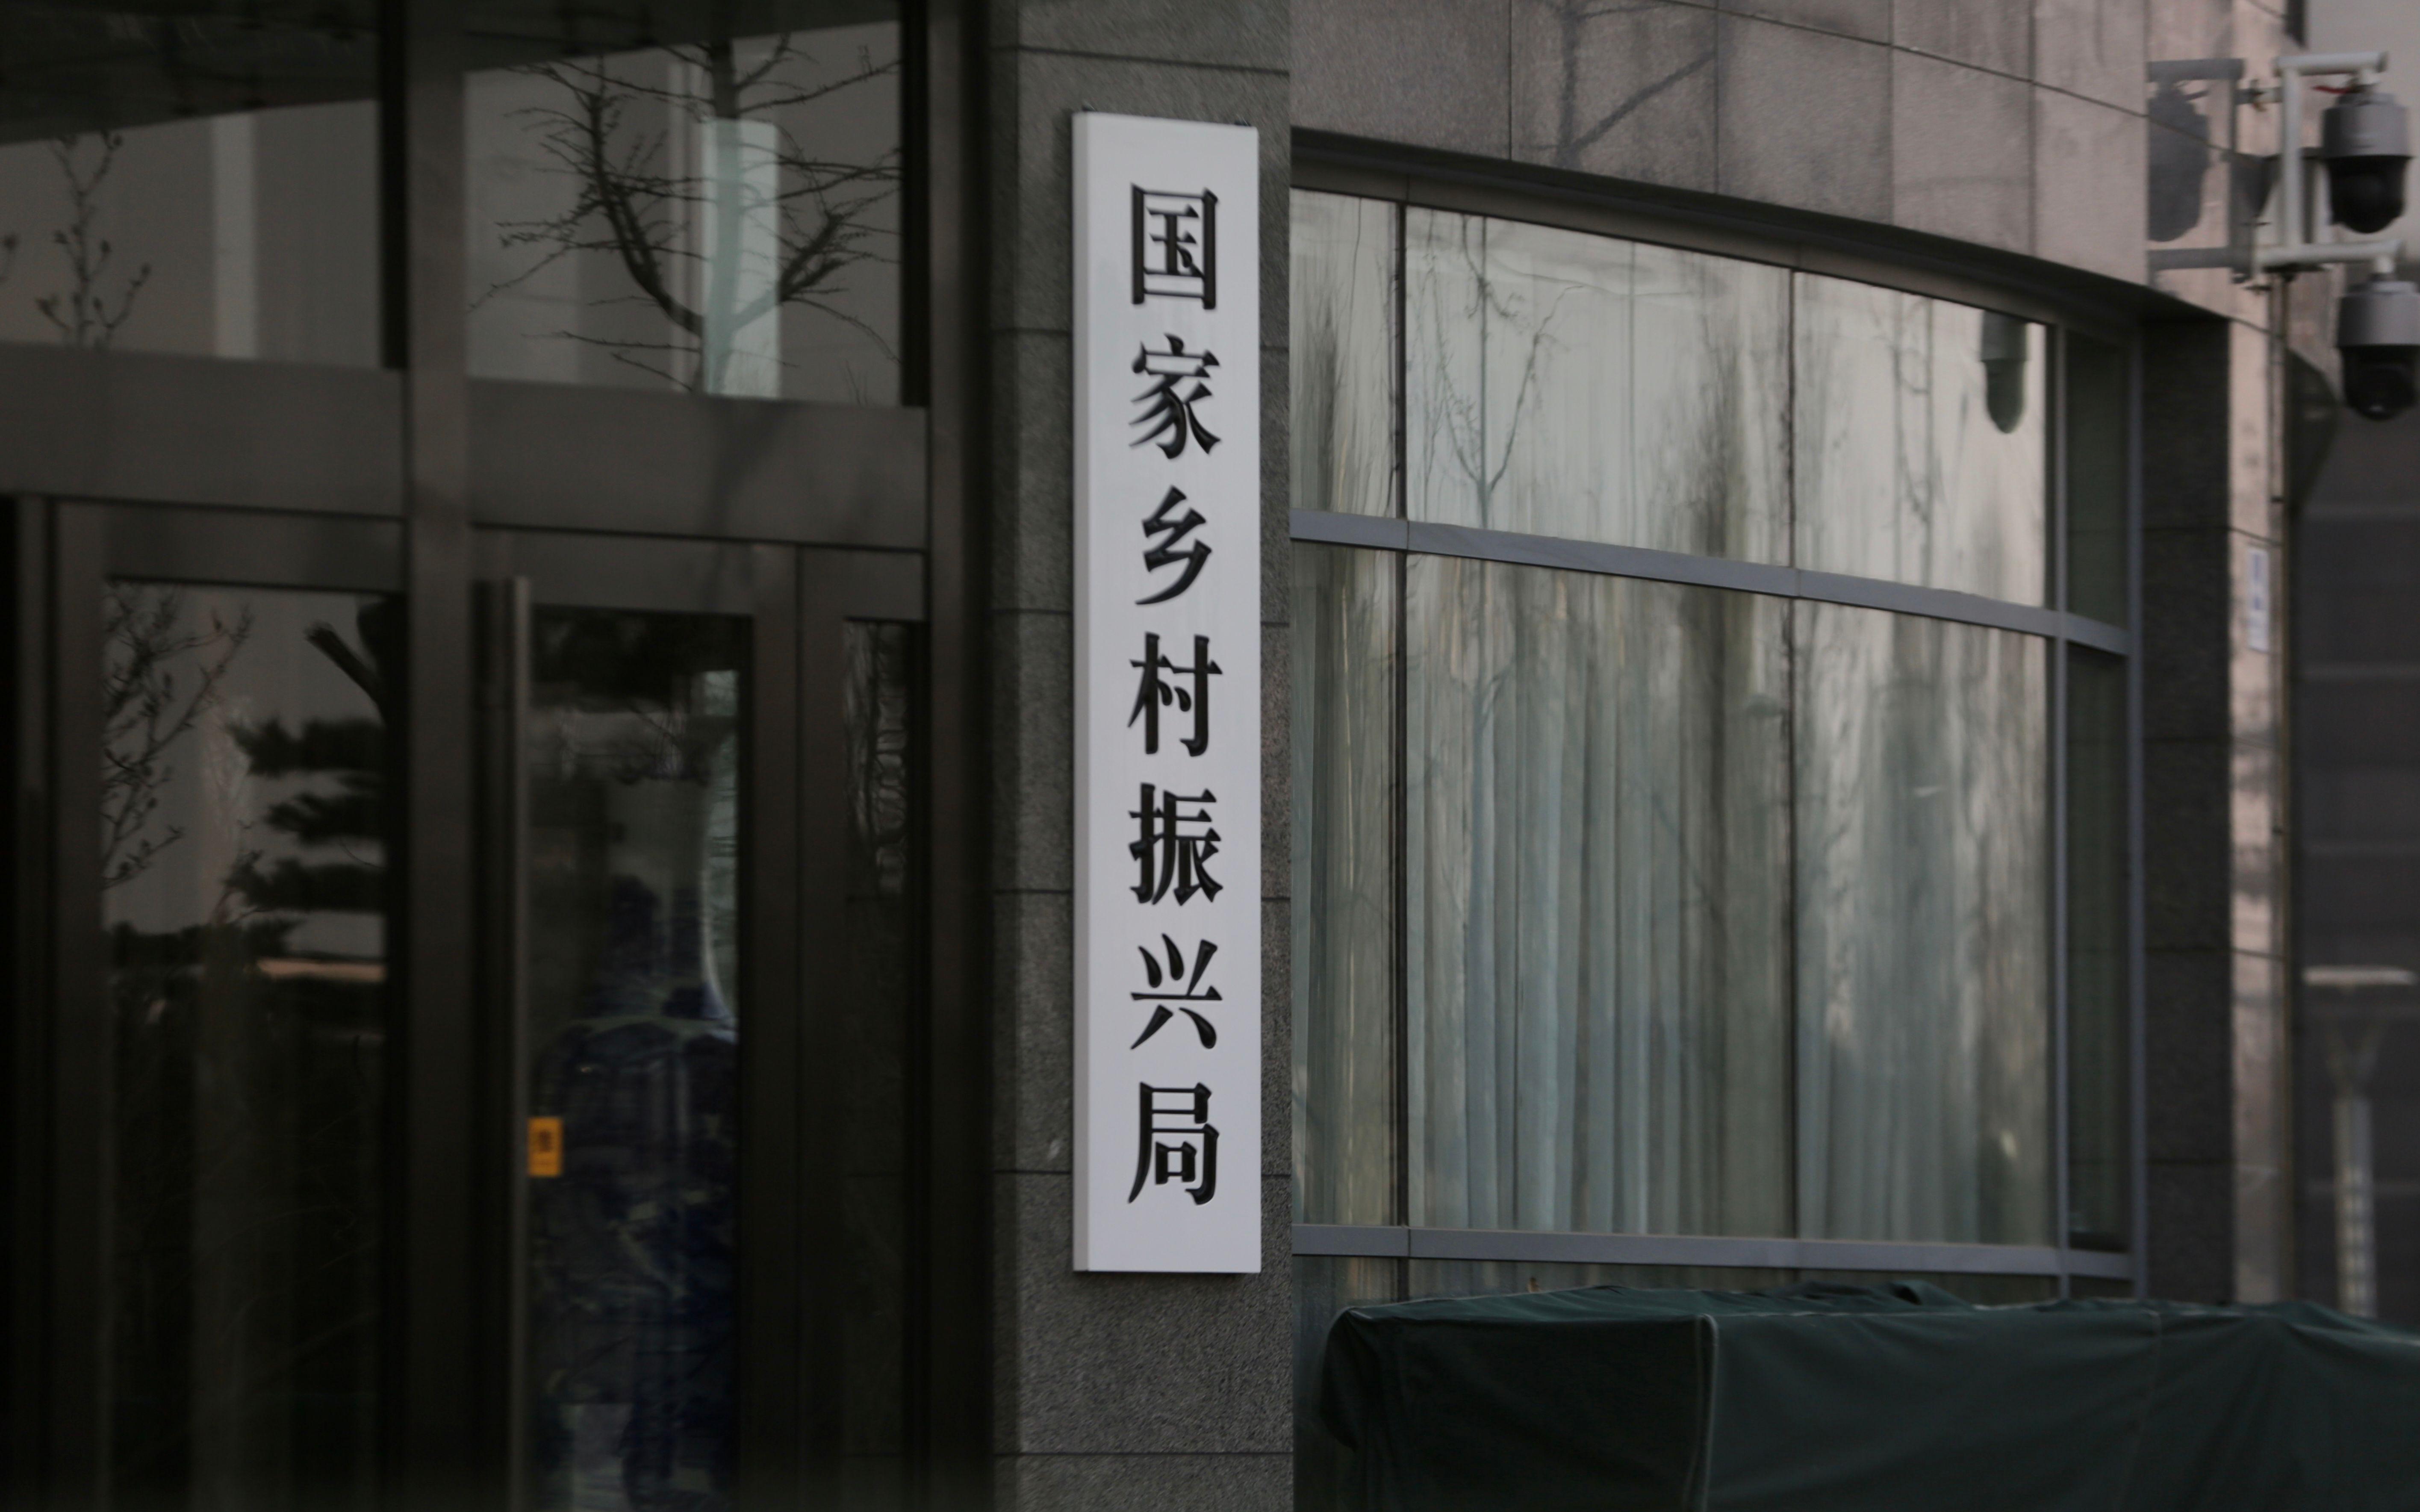 国家乡村振兴局今日正式挂牌,八问详解新机构